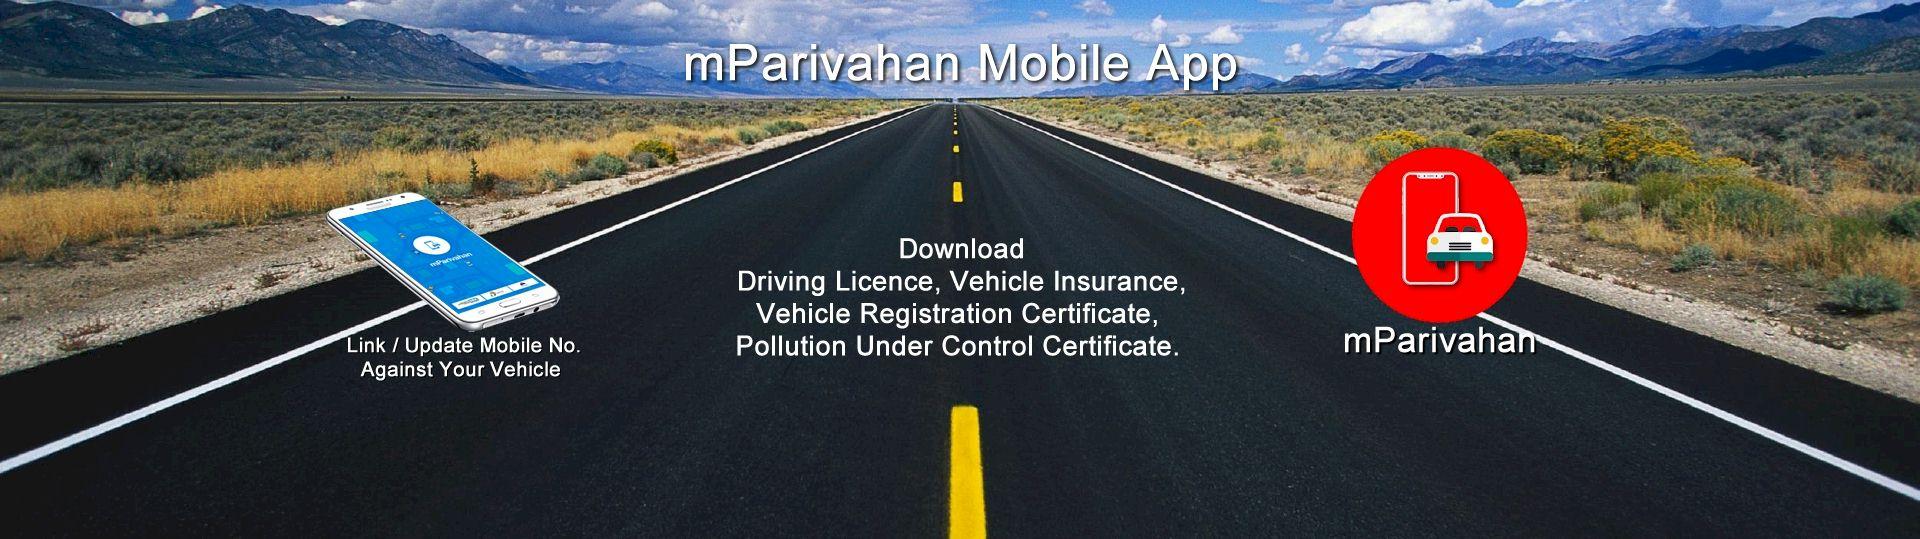 m_Parivahan